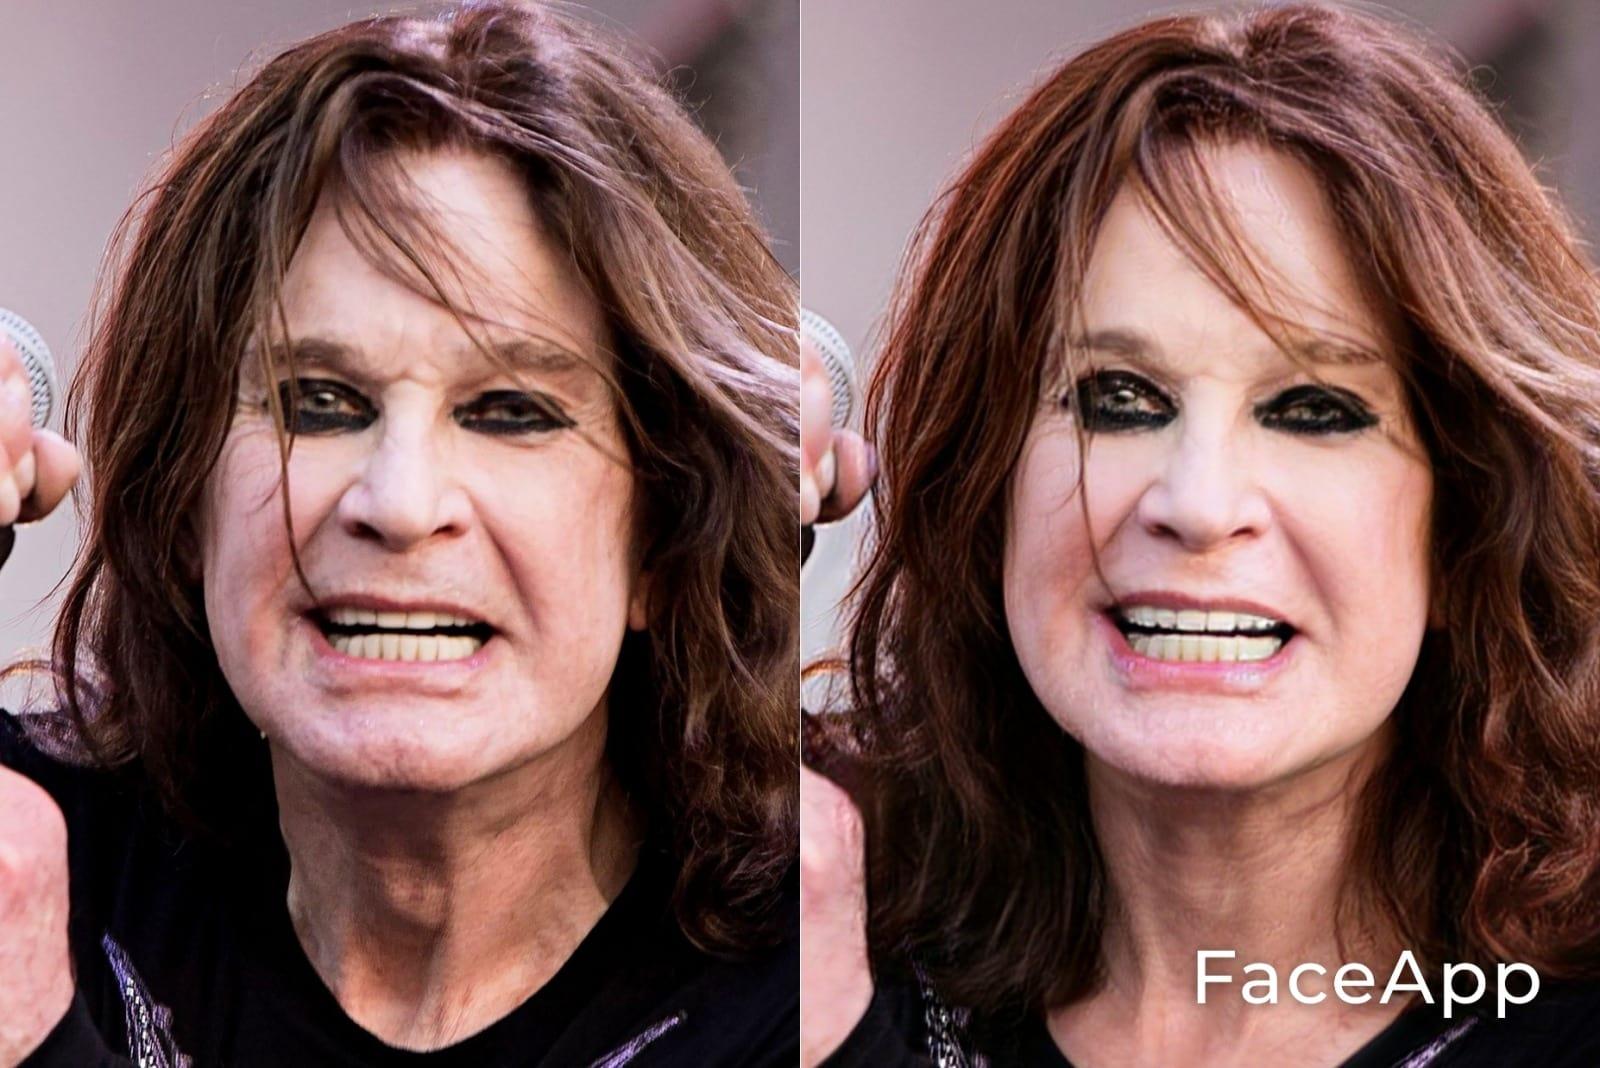 Ozzy Osbourne FaceApp